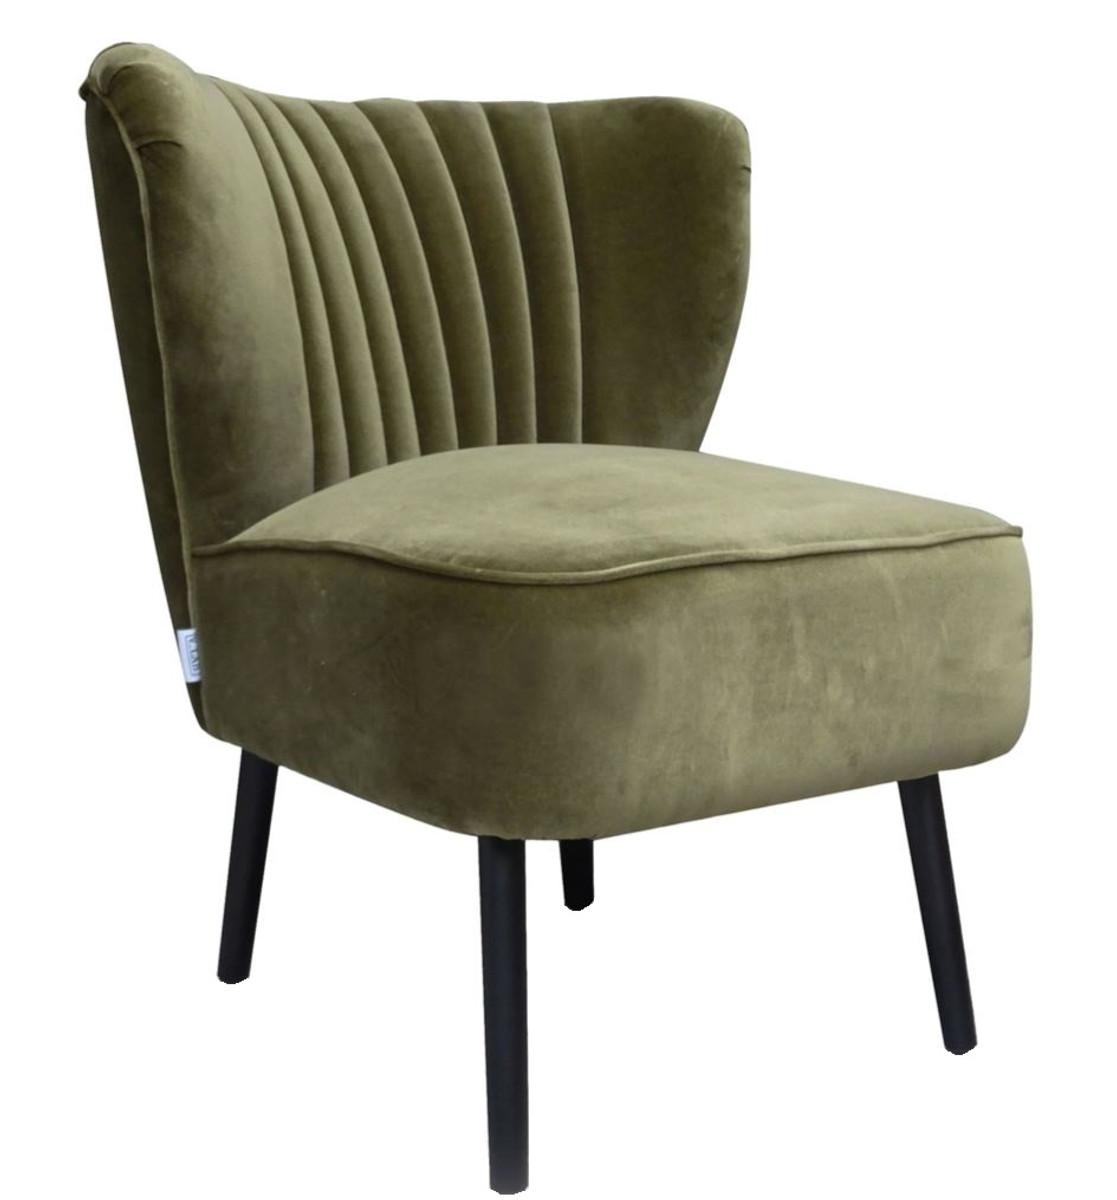 Casa Padrino Luxus Wohnzimmer Sessel Grün 61 X 70 X H 73 Cm